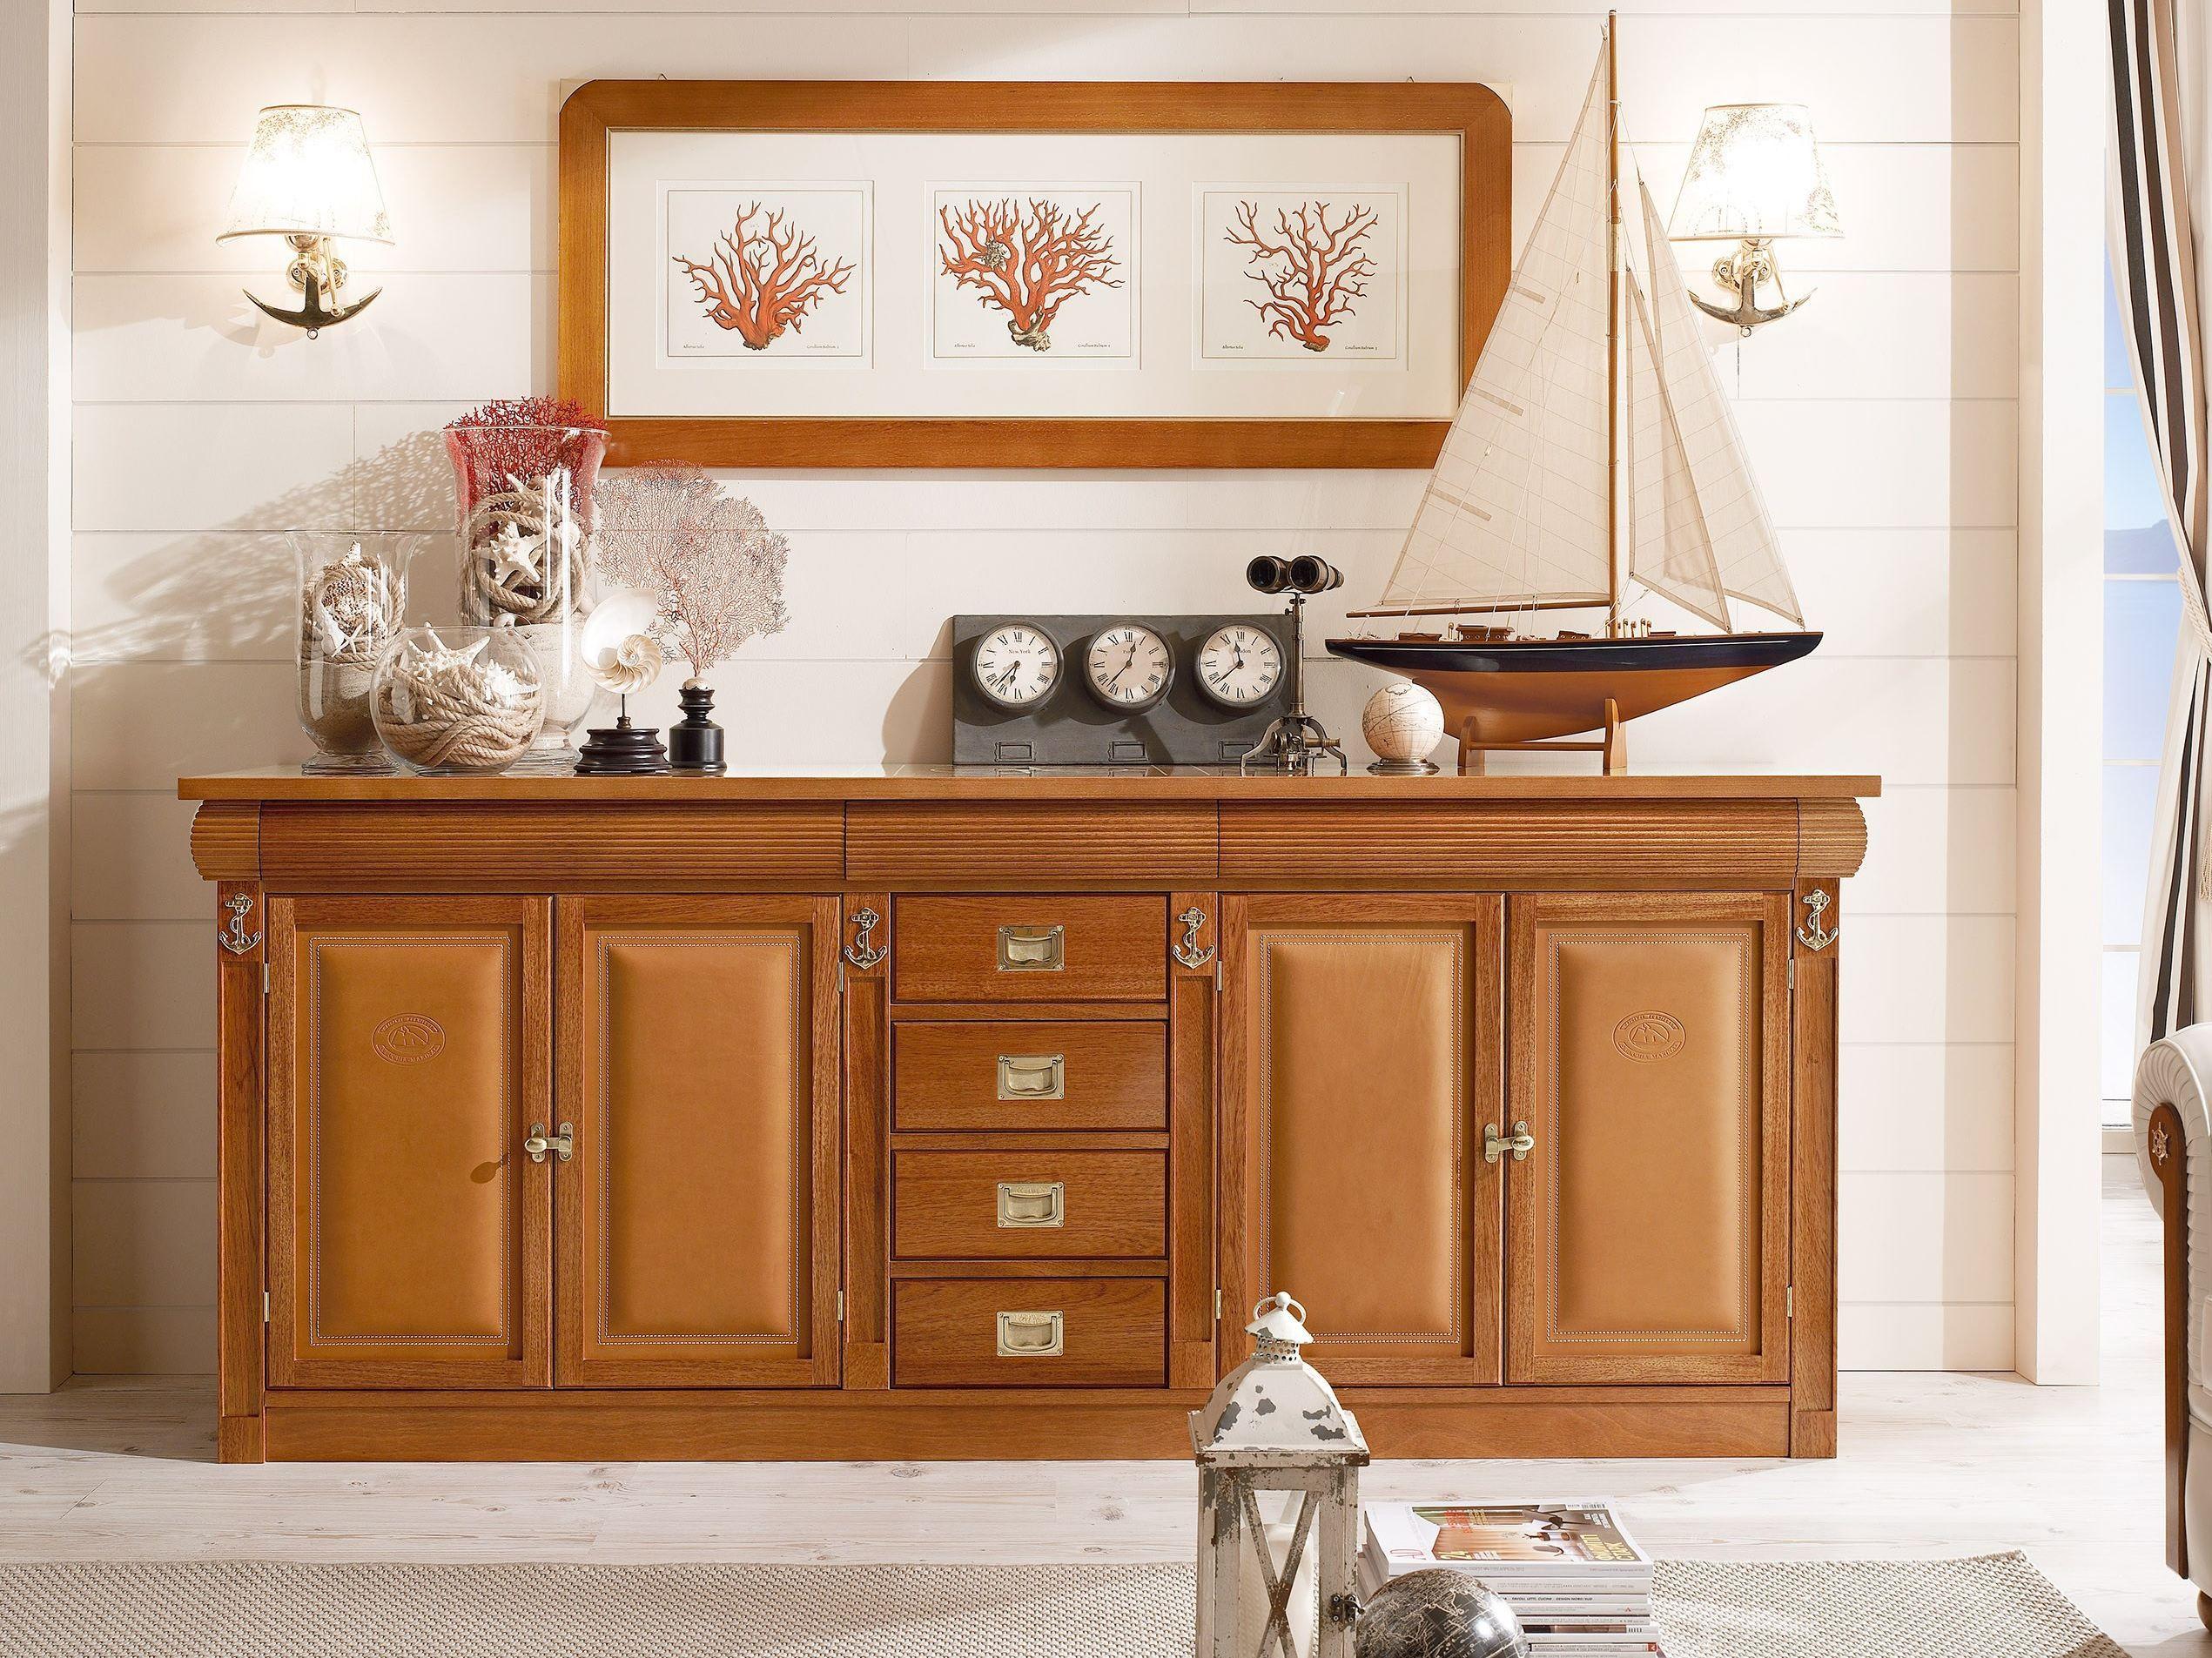 Aparador composable de madera maciza con puertas sestante for Aparadores de cocina